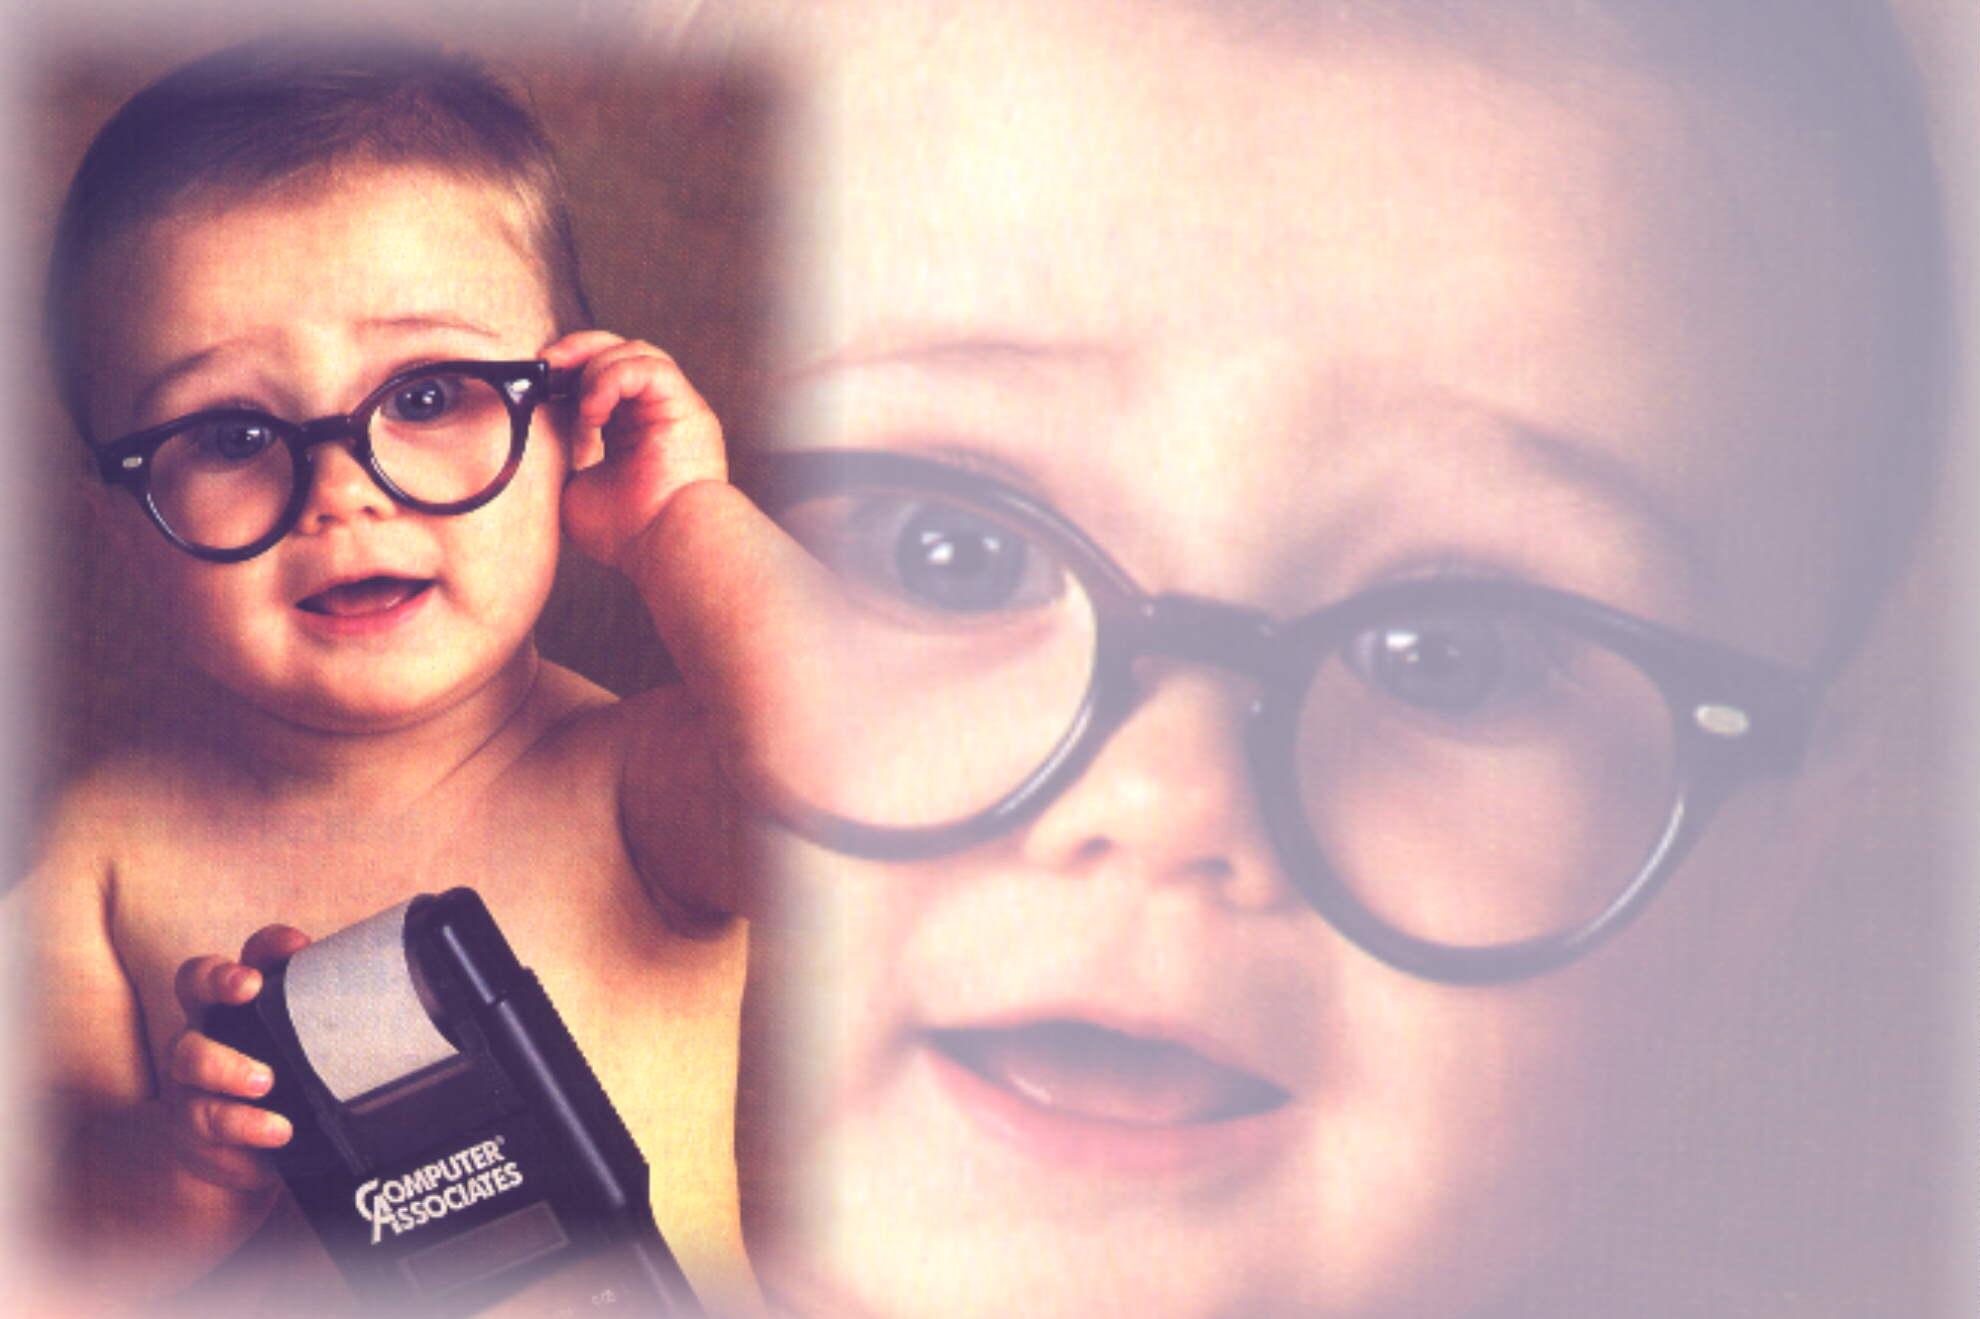 صور اطفال خلفيات وصور اطفال كيوت وجميلة ورقيقة احلي اطفال (96)